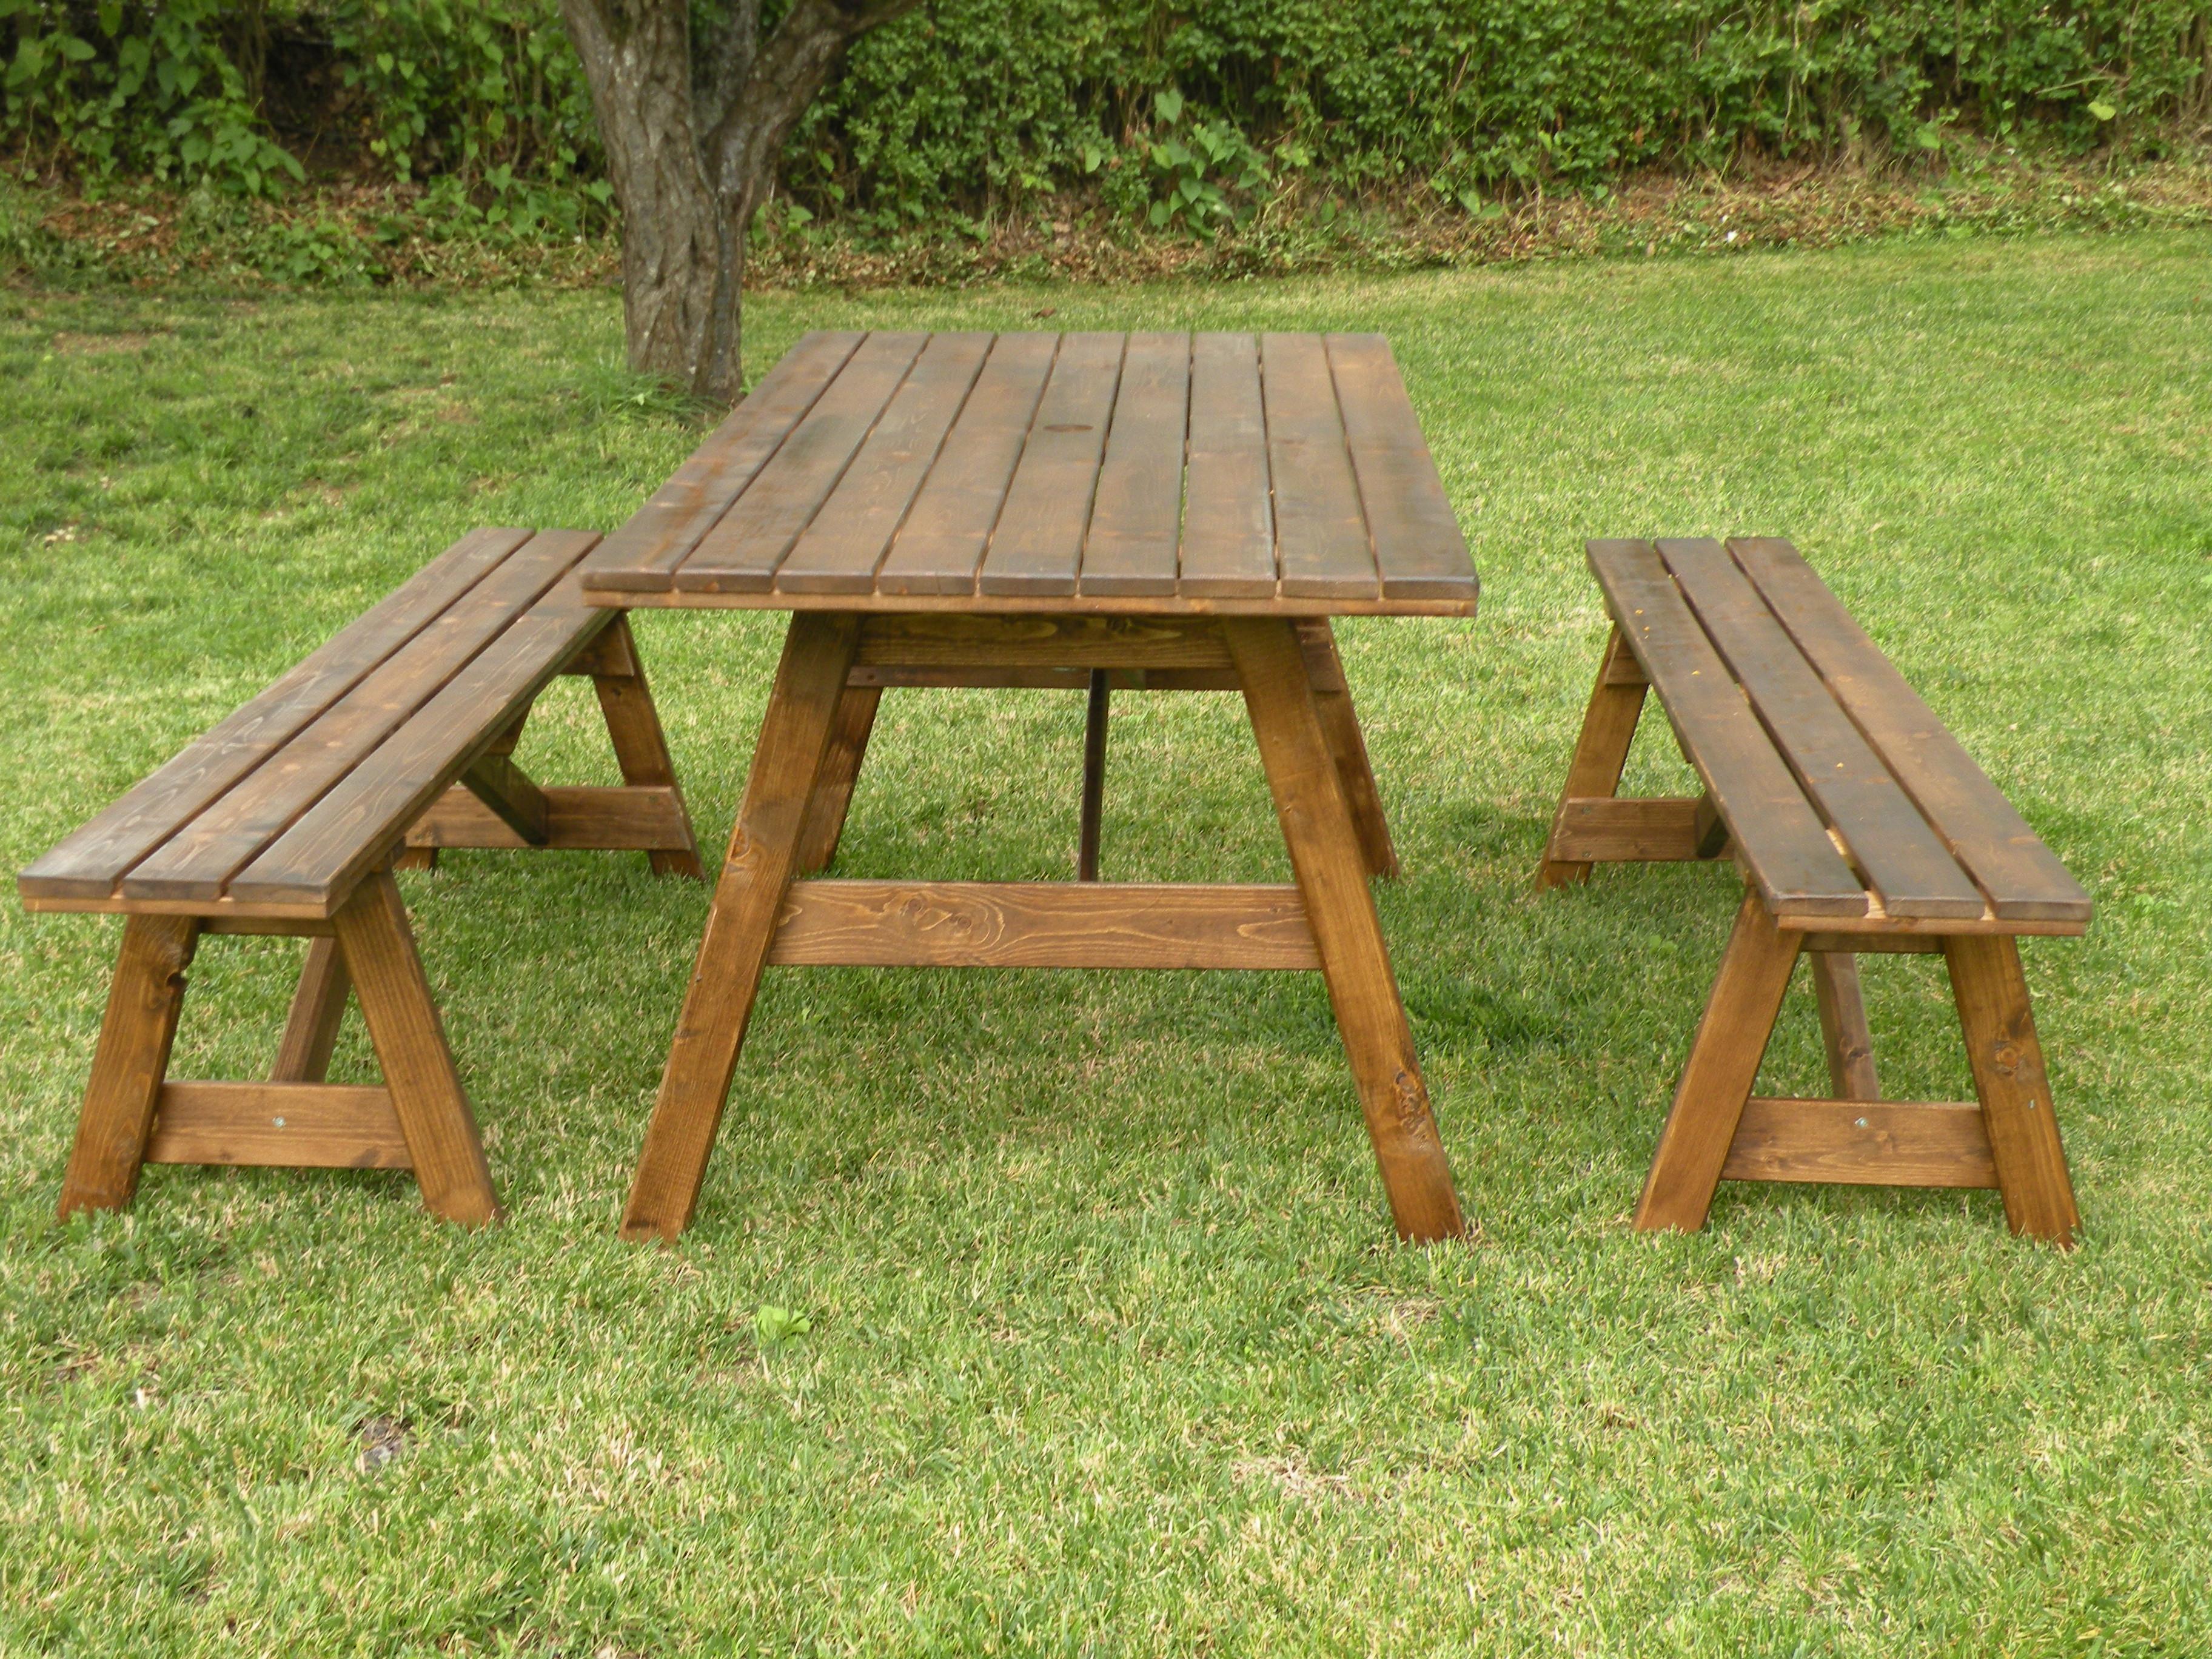 Tavoli per l 39 esterno in legno tavolo da giardino con for Tavoli da giardino in legno rustici